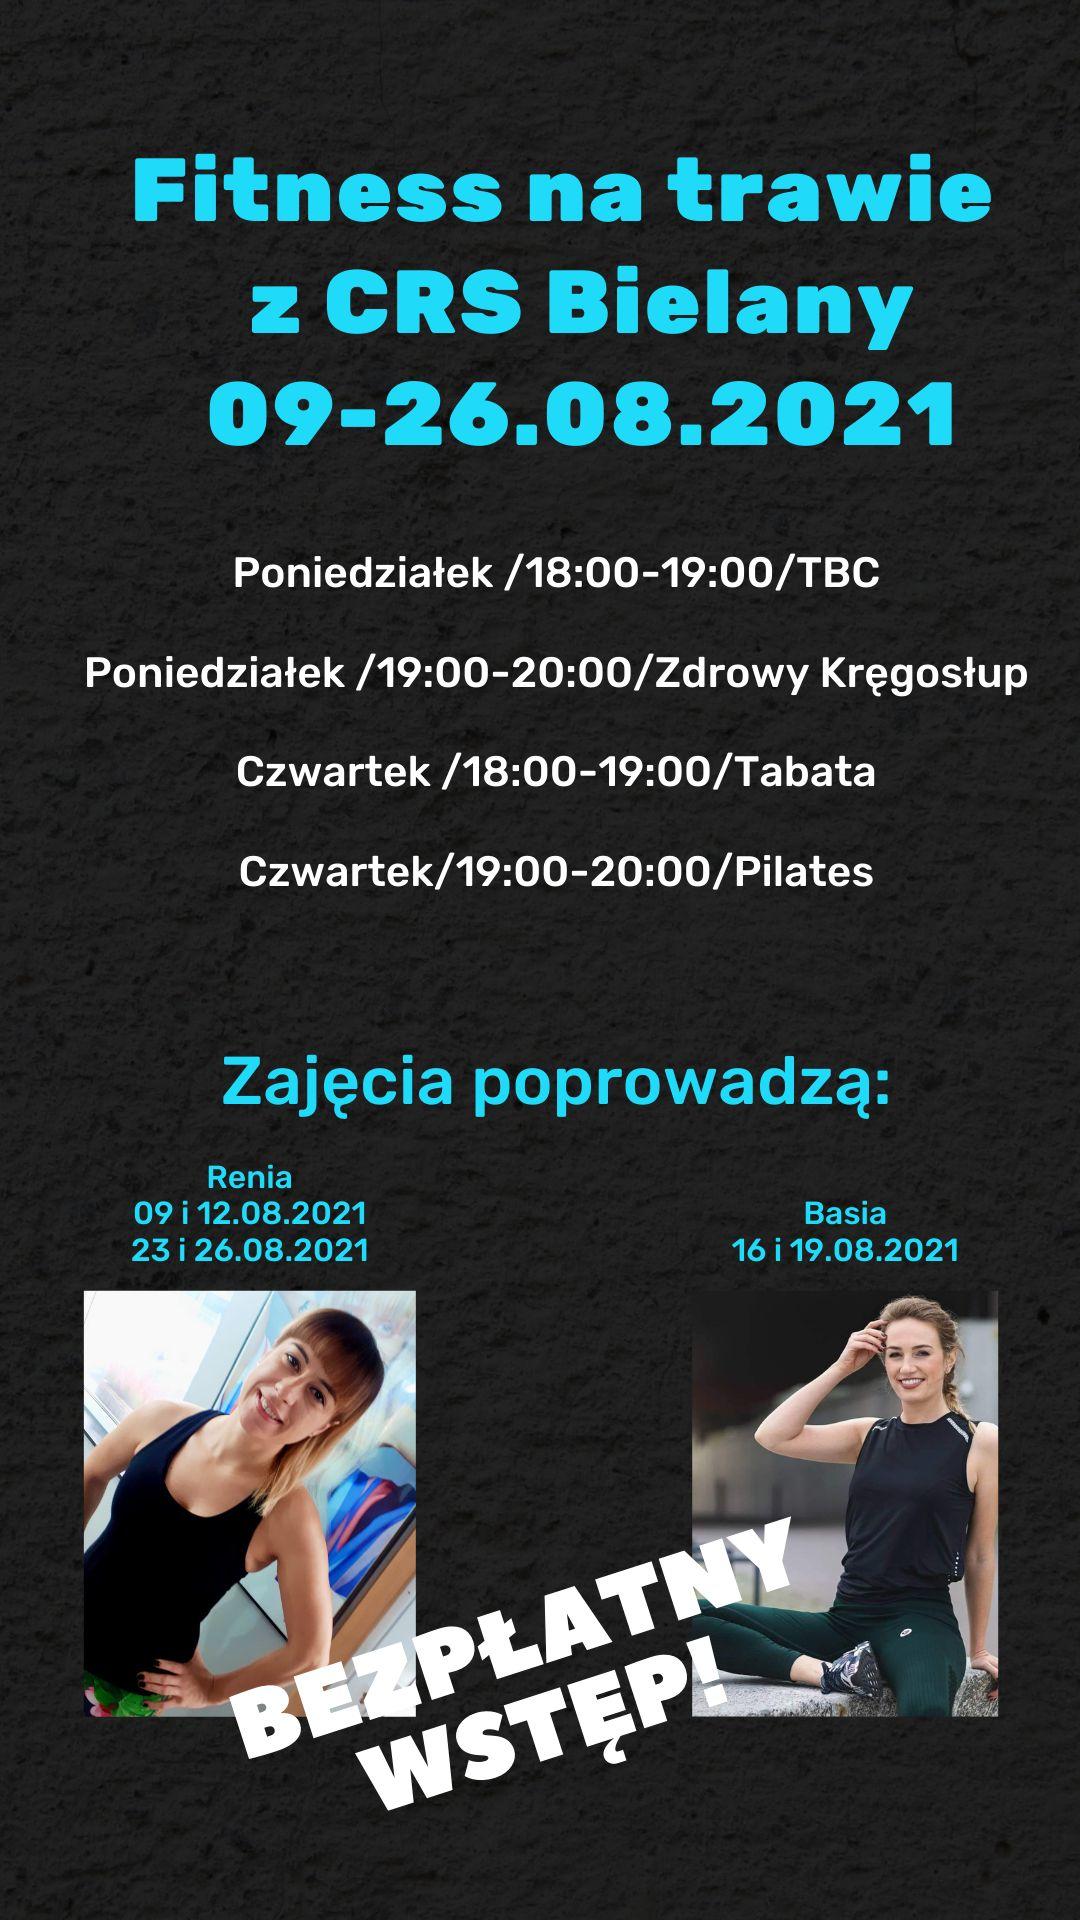 Grafika z czarnej kolorystyce informująca o zajęciach fitness na trawie z CRS Bielany, od 9 do 26 sierpnia 2021 roku.